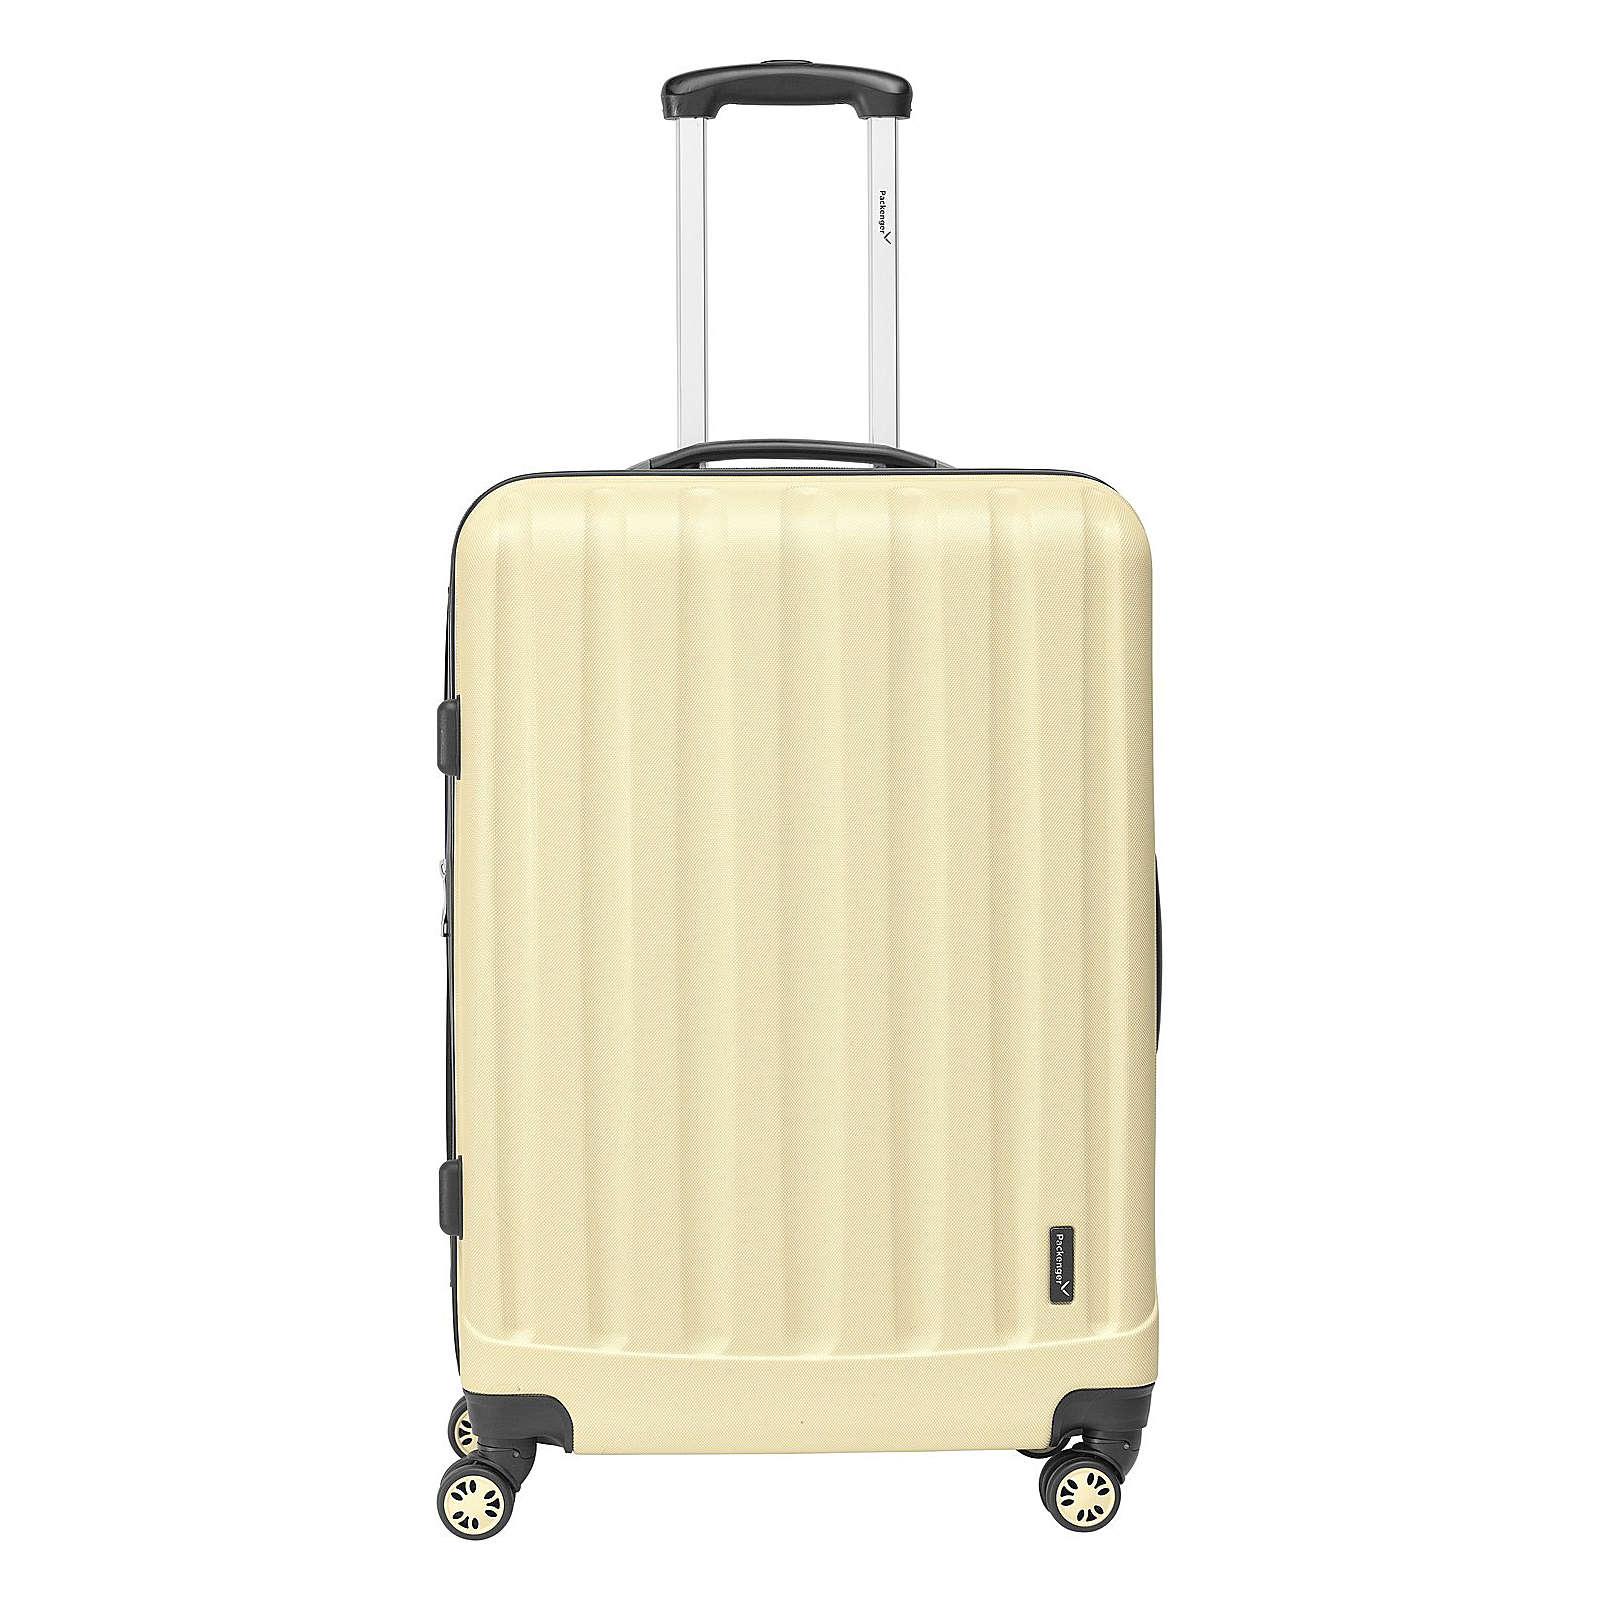 Packenger Koffer Velvet Reisetrolley camel